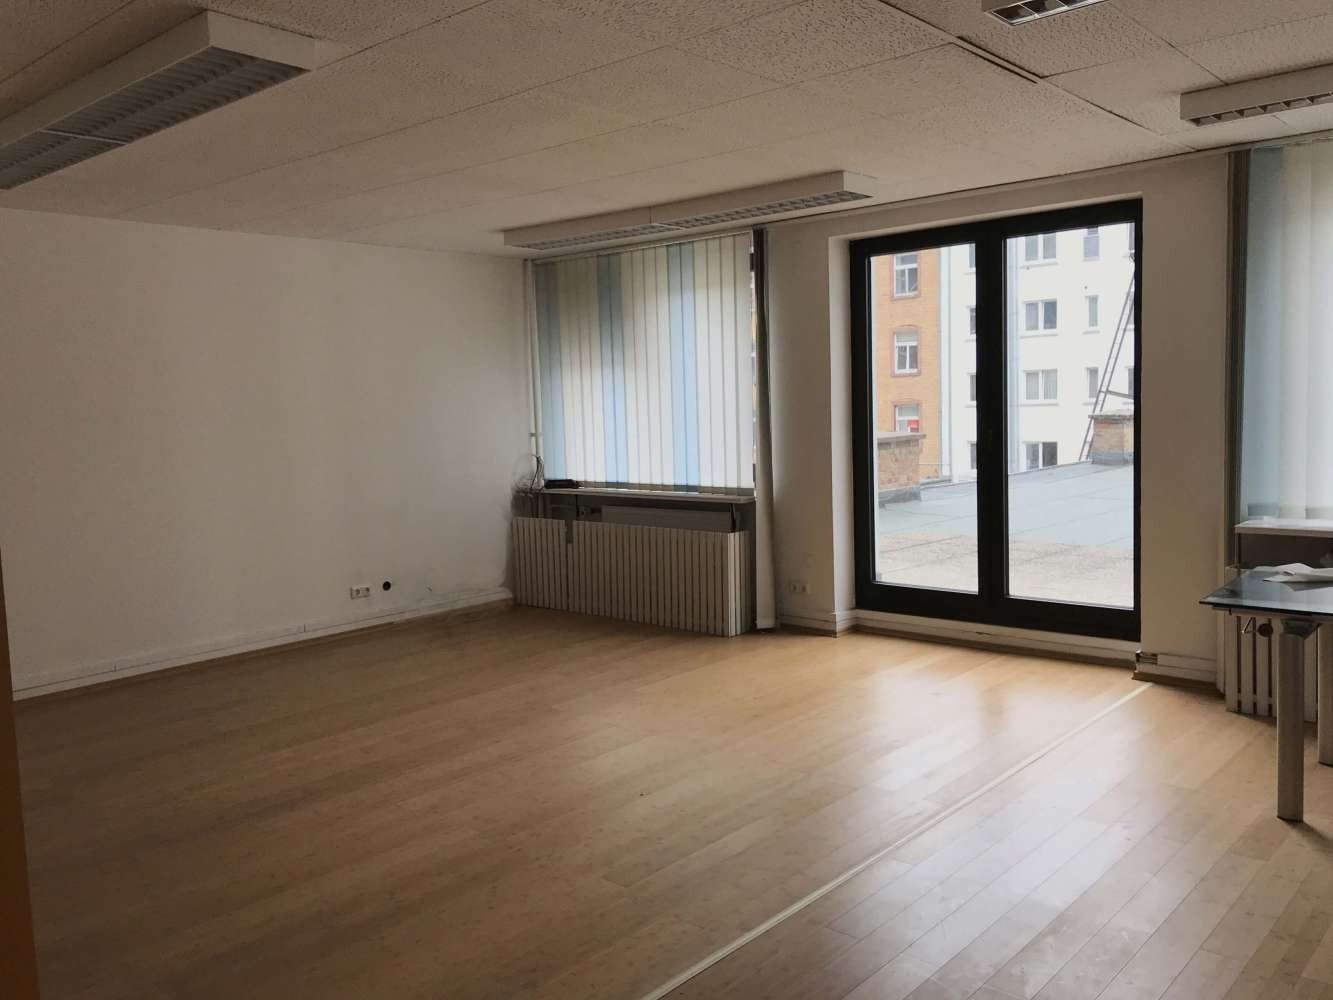 Büros Frankfurt am main, 60329 - Büro - Frankfurt am Main, Innenstadt - F0735 - 10321877